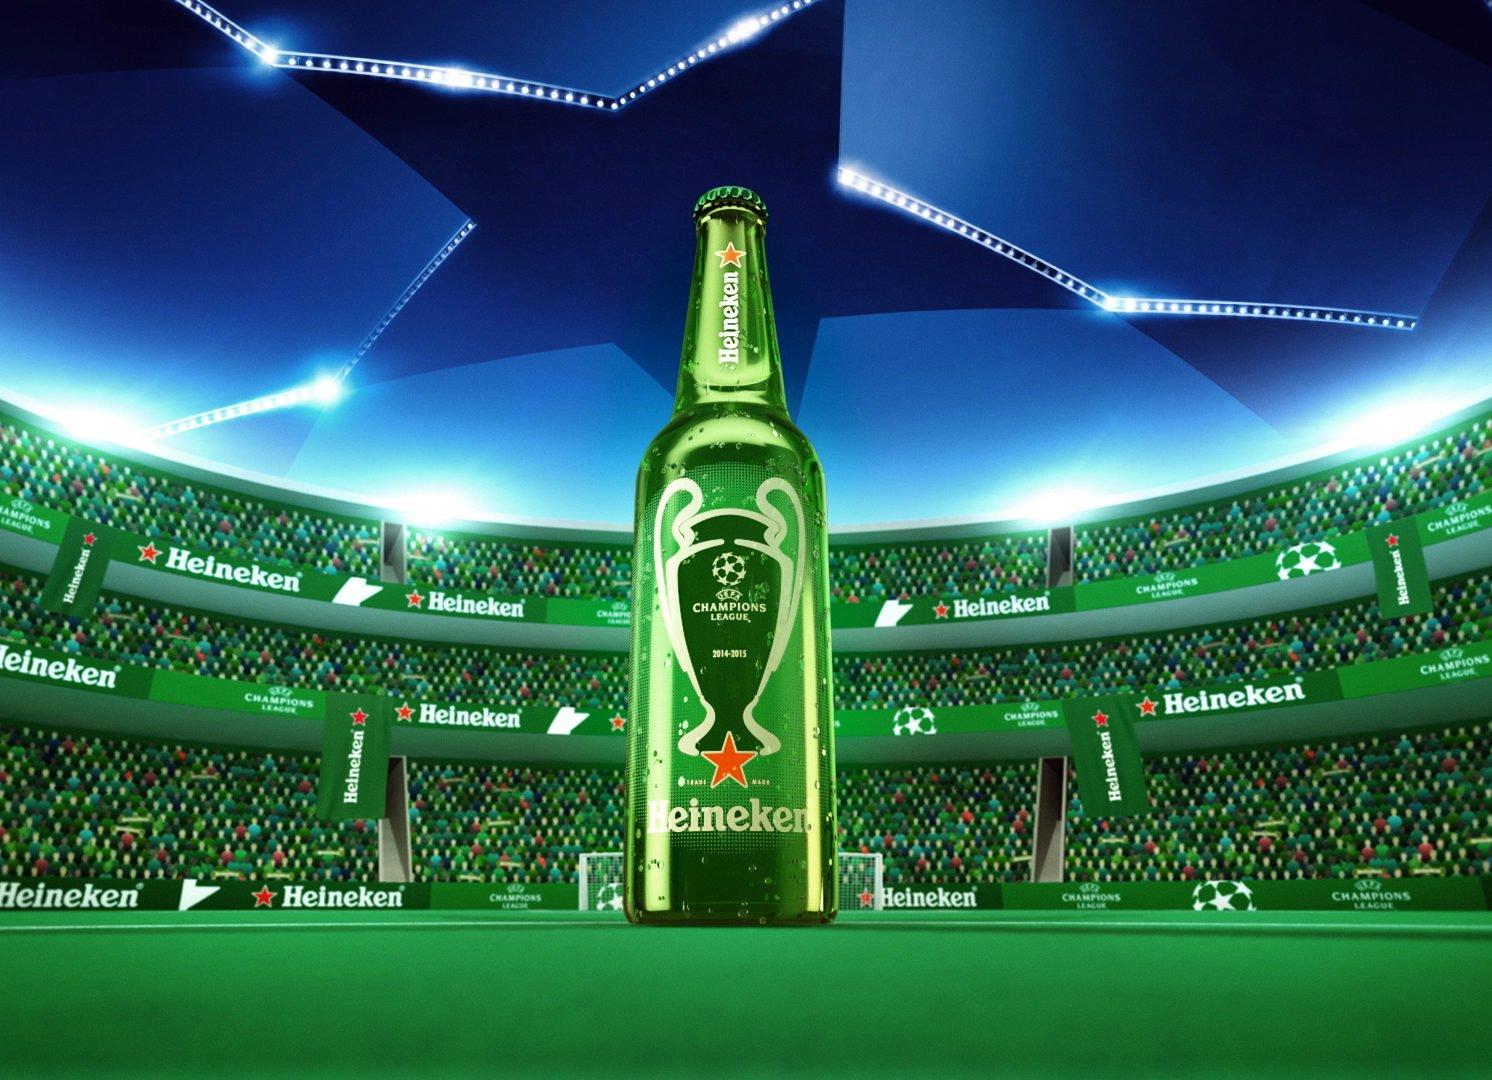 Heineken® leva a UEFA Champions League a lugares inusitados com ação que transmitirá a grande final da Liga dos Campeões em 28 pontos espalhados por 3 cidades do Brasil